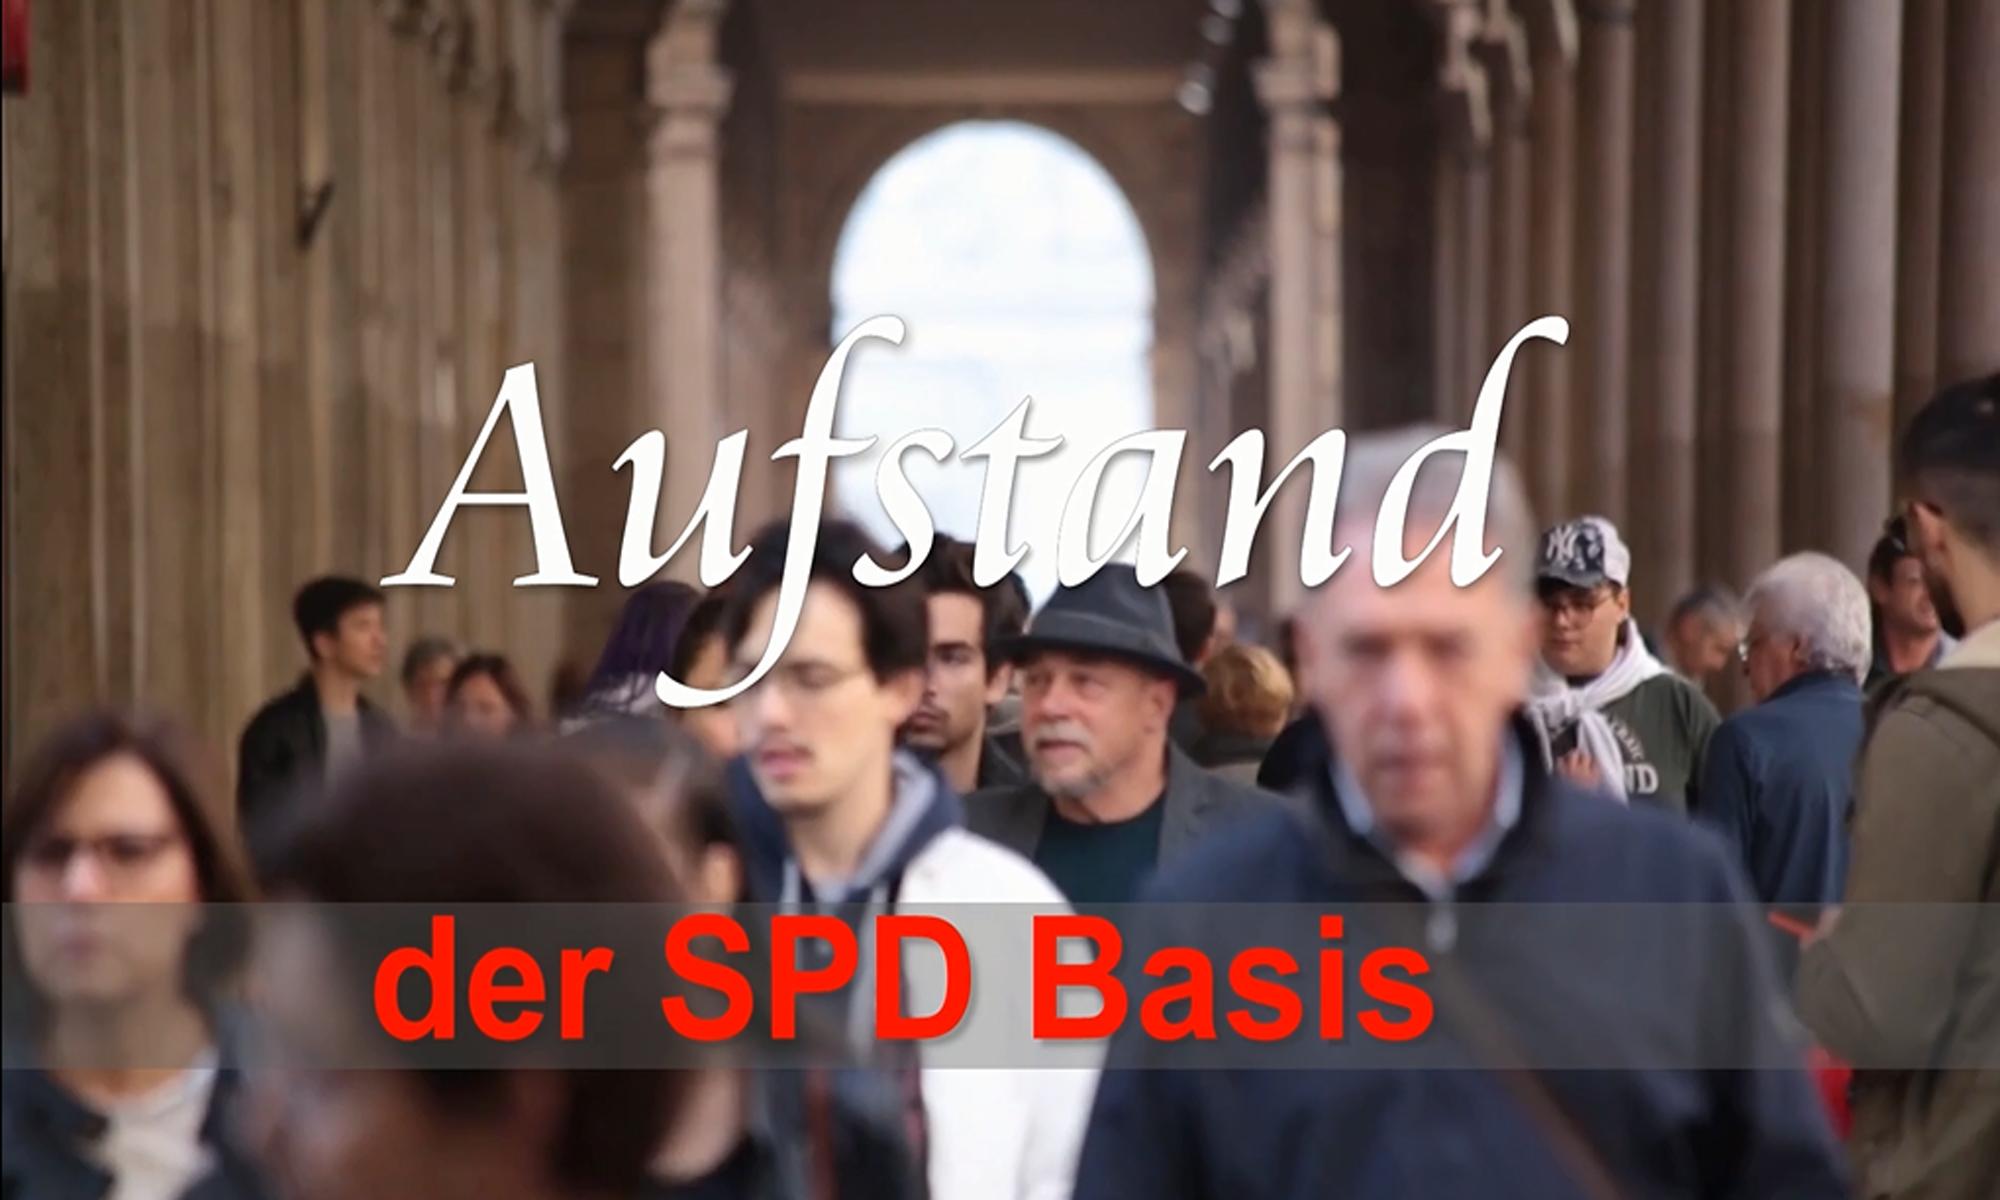 SPD Parteivorstand: Einberufung und Vorziehen des Bundesparteitags der SPD im März 2019